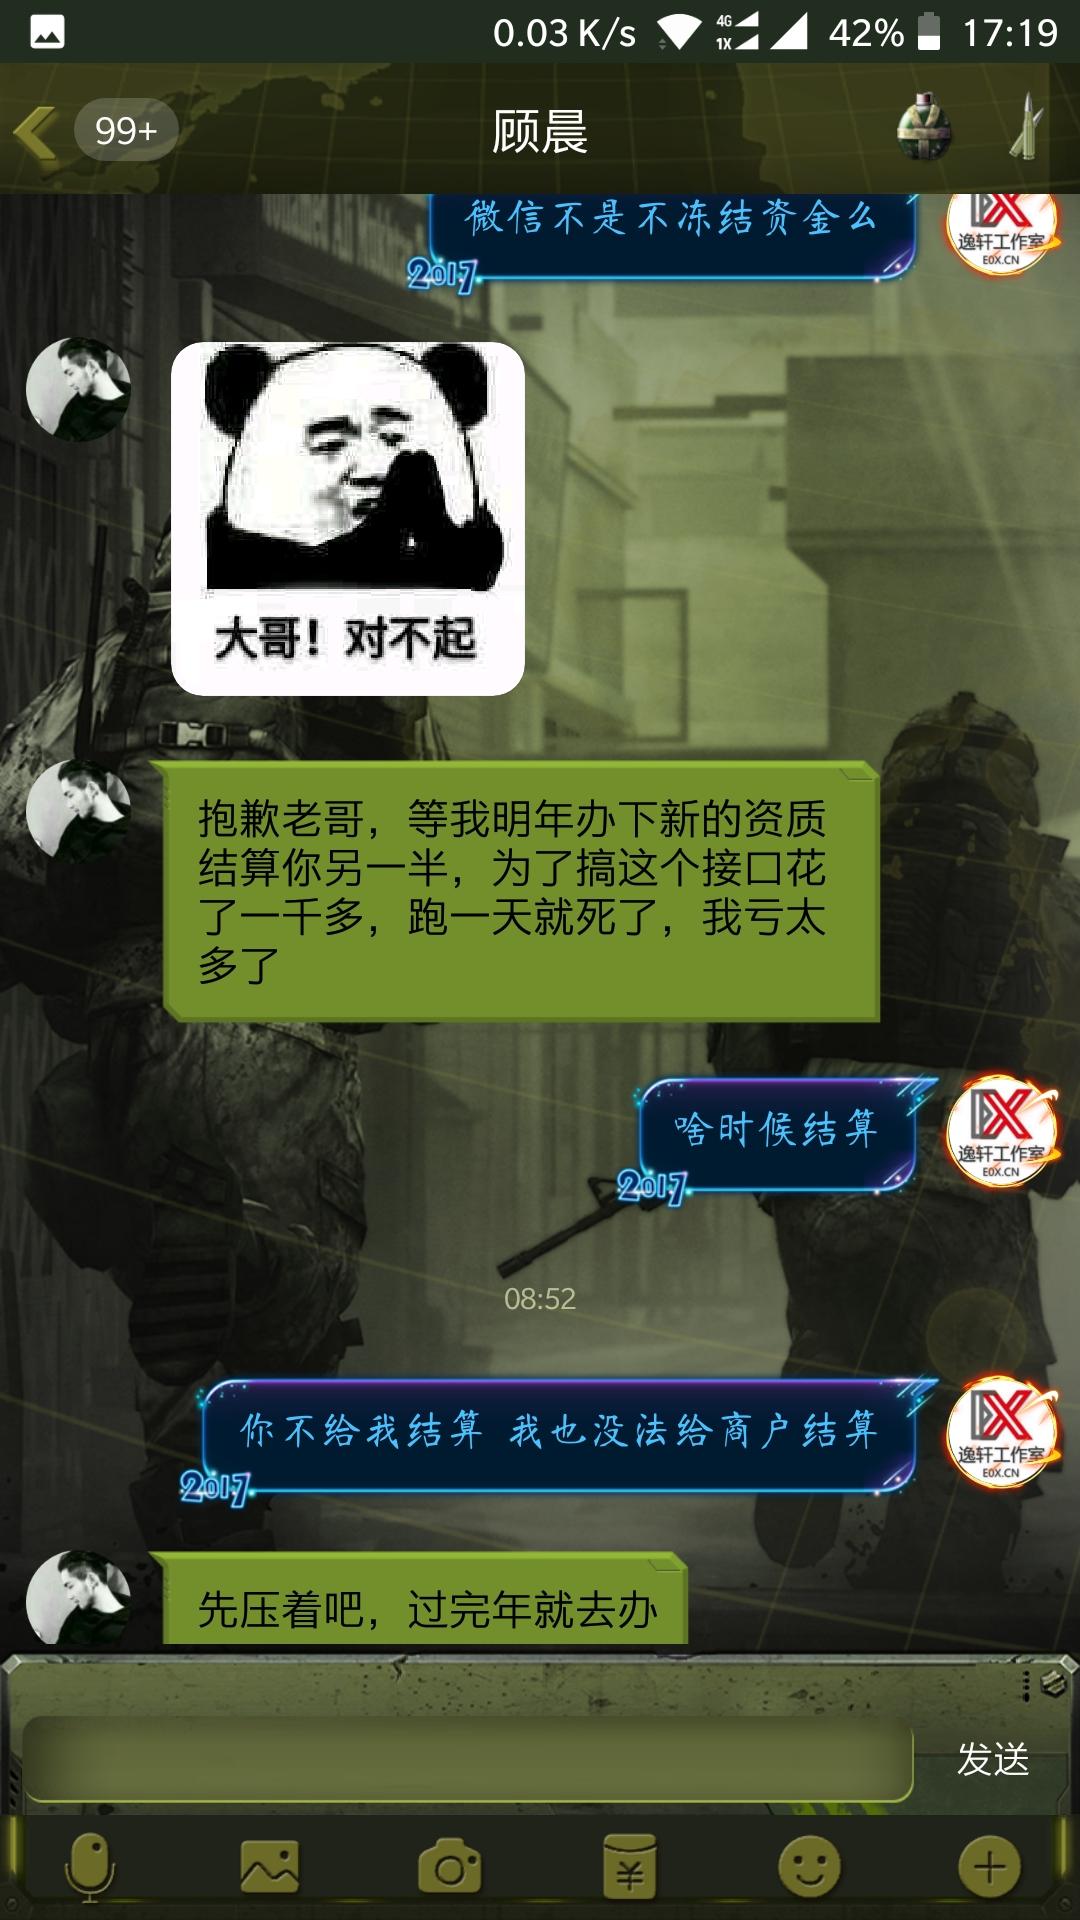 [曝光]骗子顾晨 原名蒋震易支付跑路曝光QQ1002957978 qq2536892846